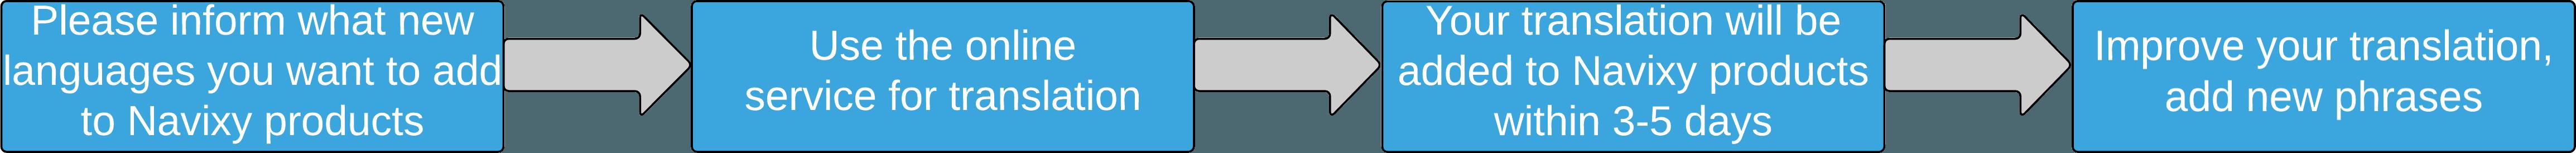 translation-process-scheme